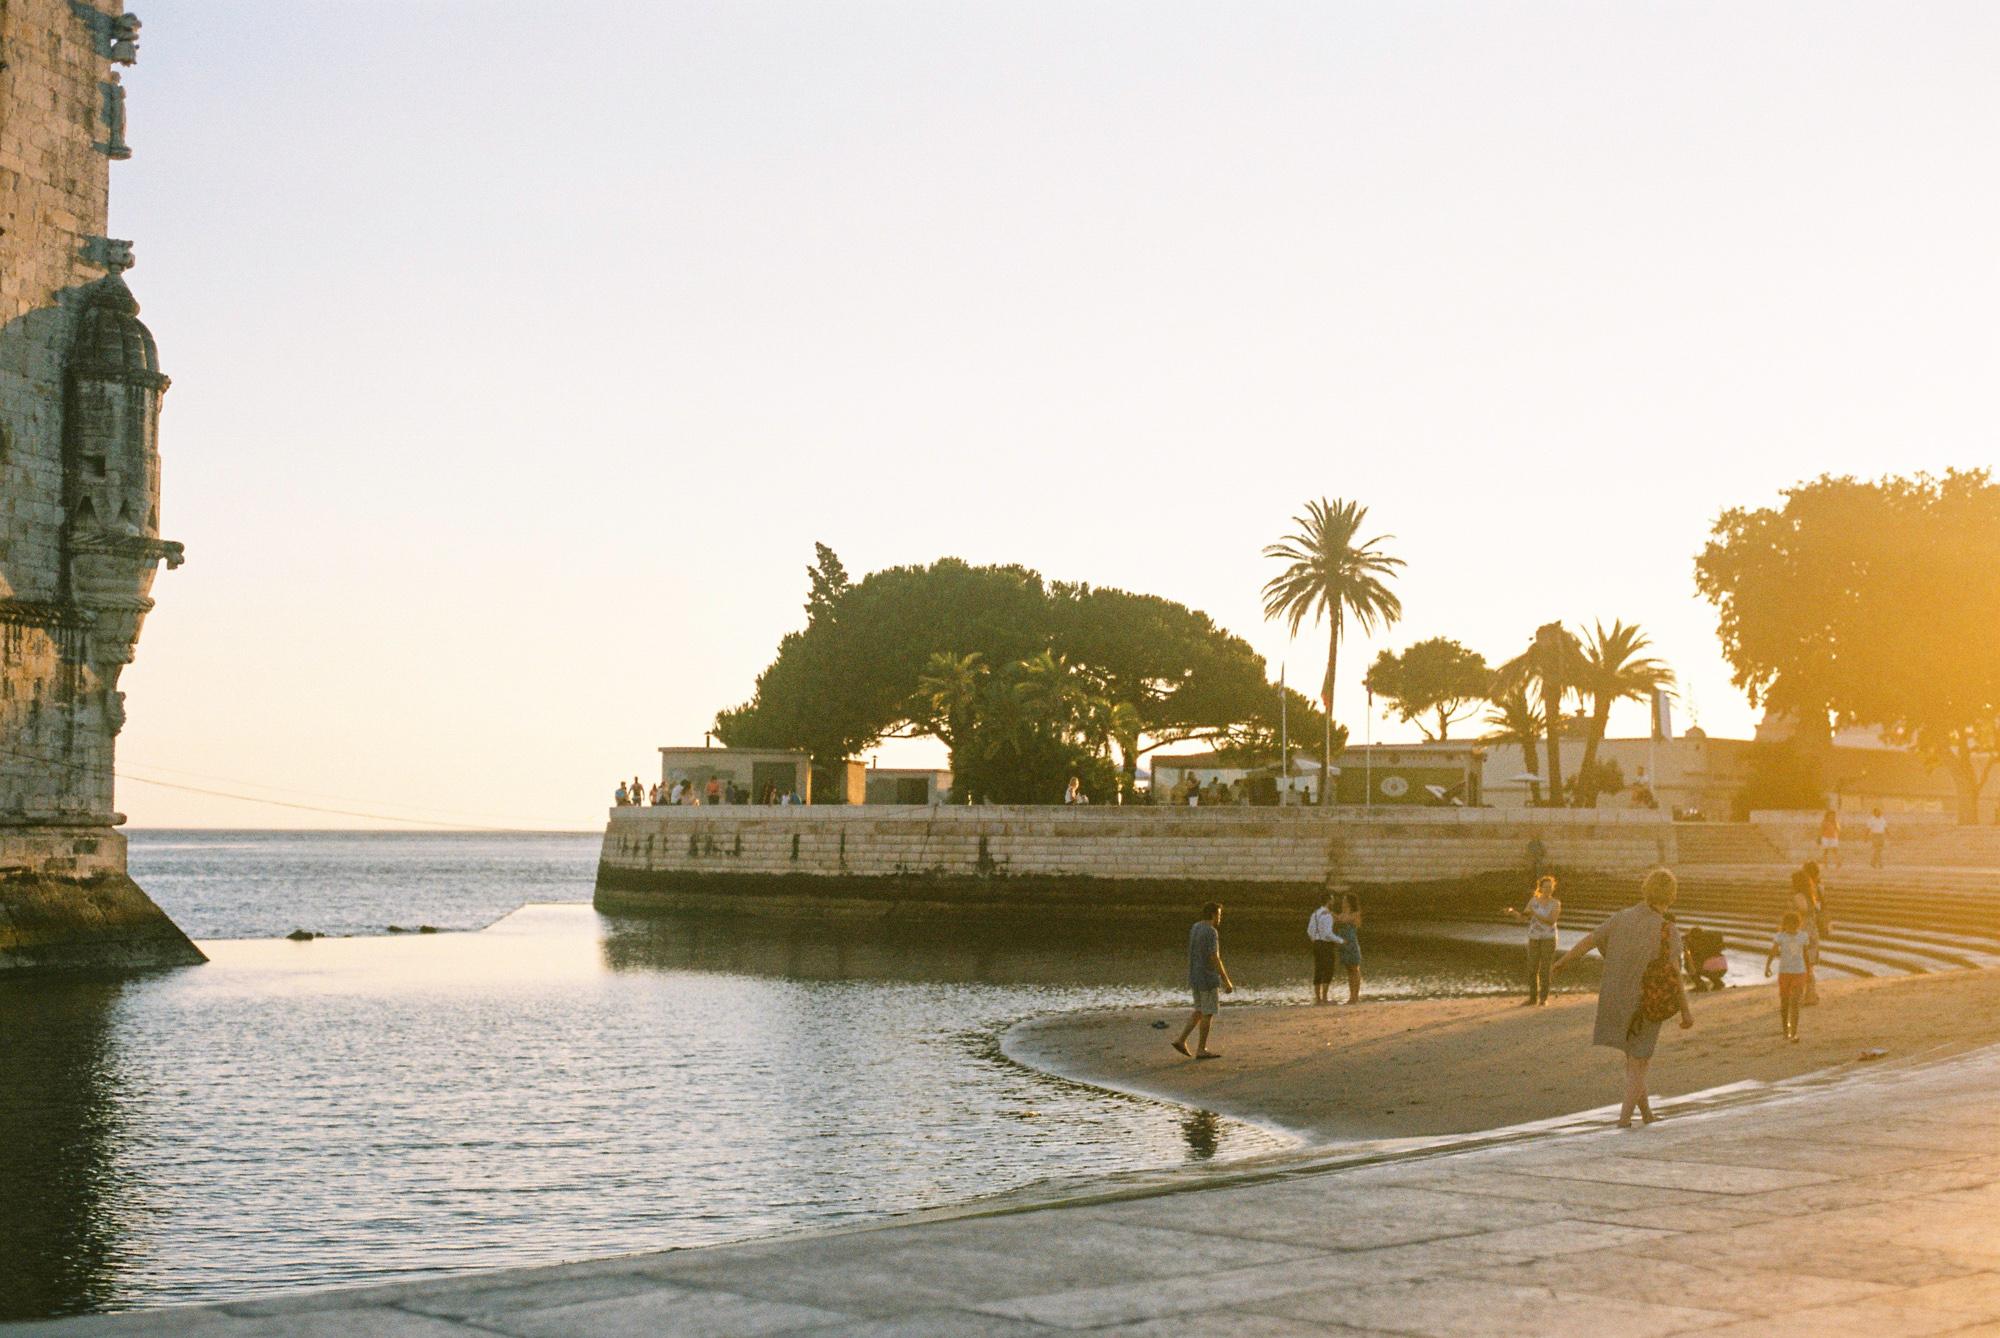 Fotografia-Analogica-Lisboa-Filme-Oceanica-18.jpg